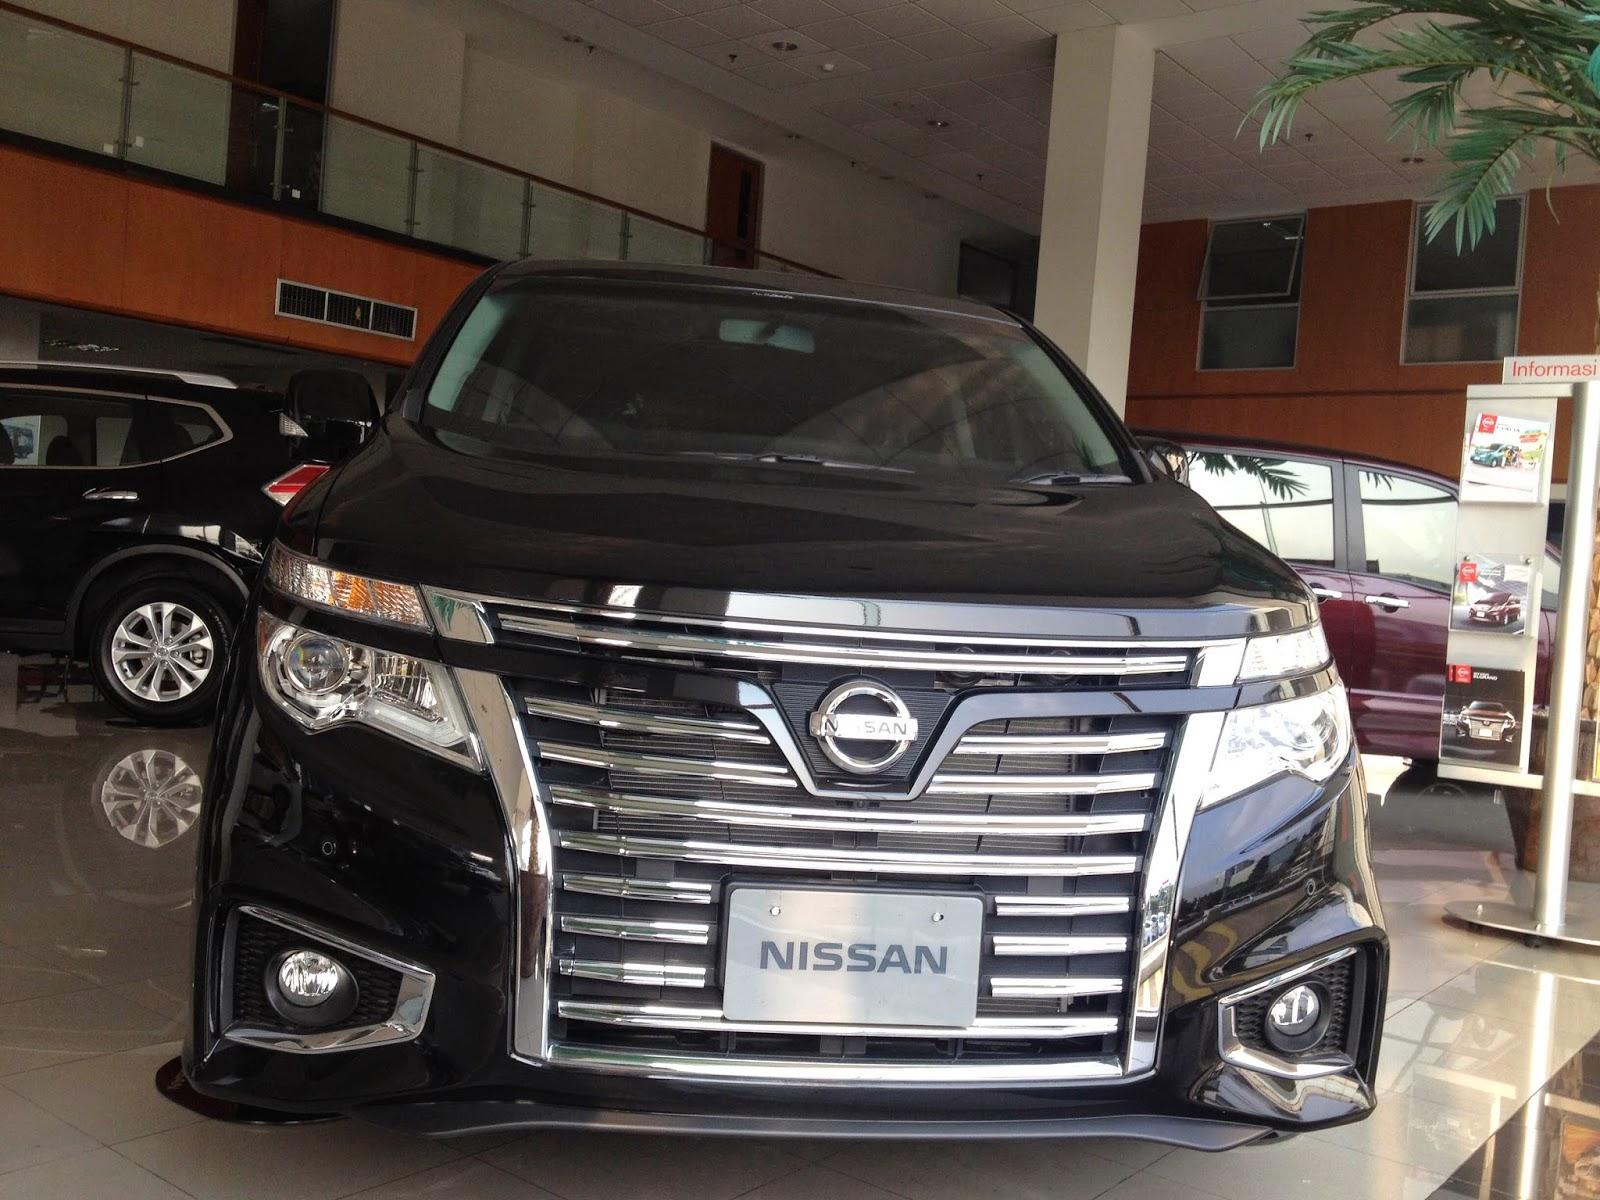 Harga Nissan Elgrand Terbaru